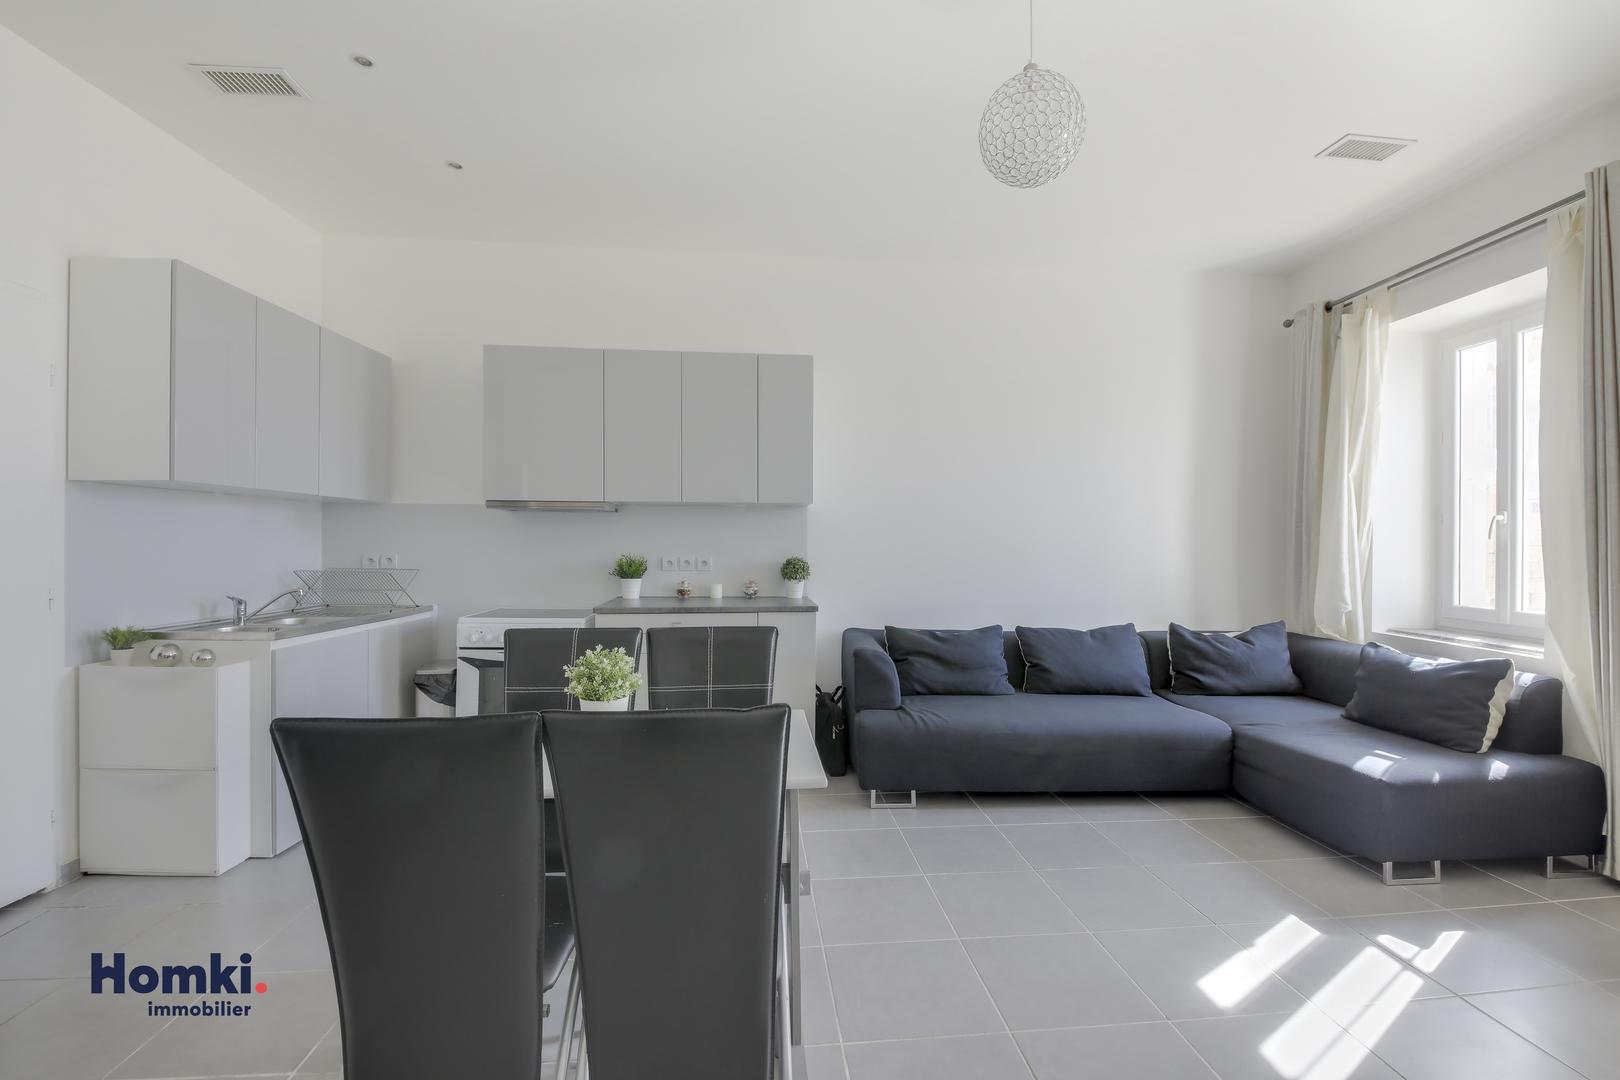 Vente Maison 65 m² T3 13013_4